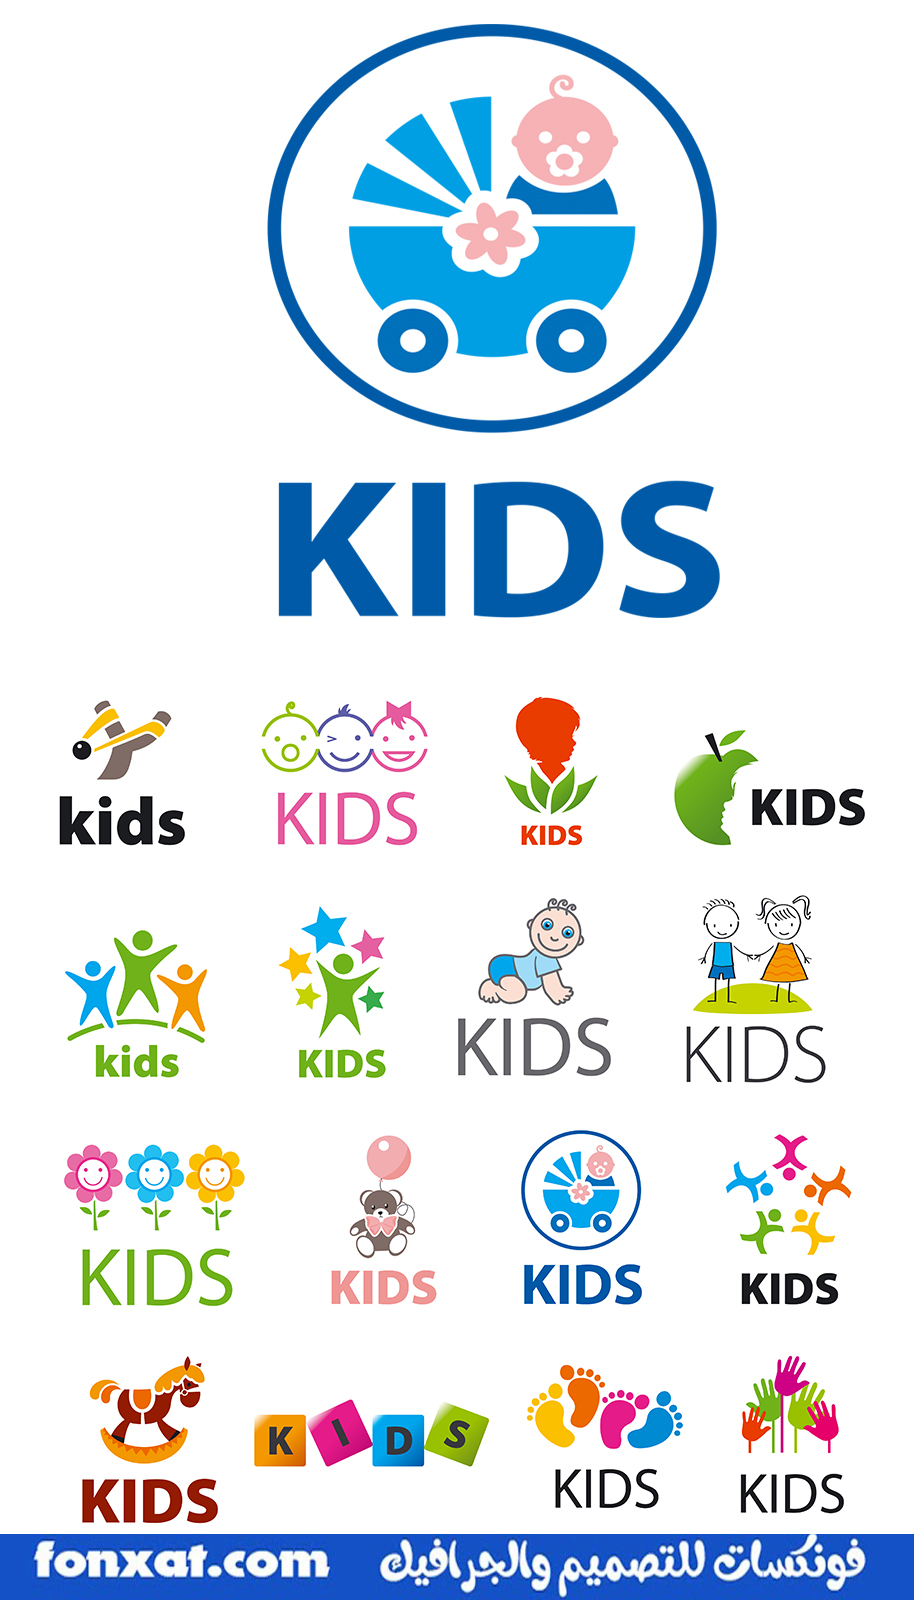 تجميعة لوجو فيكتور مفتوحة المصدر psd and eps خاصة بالاطفال